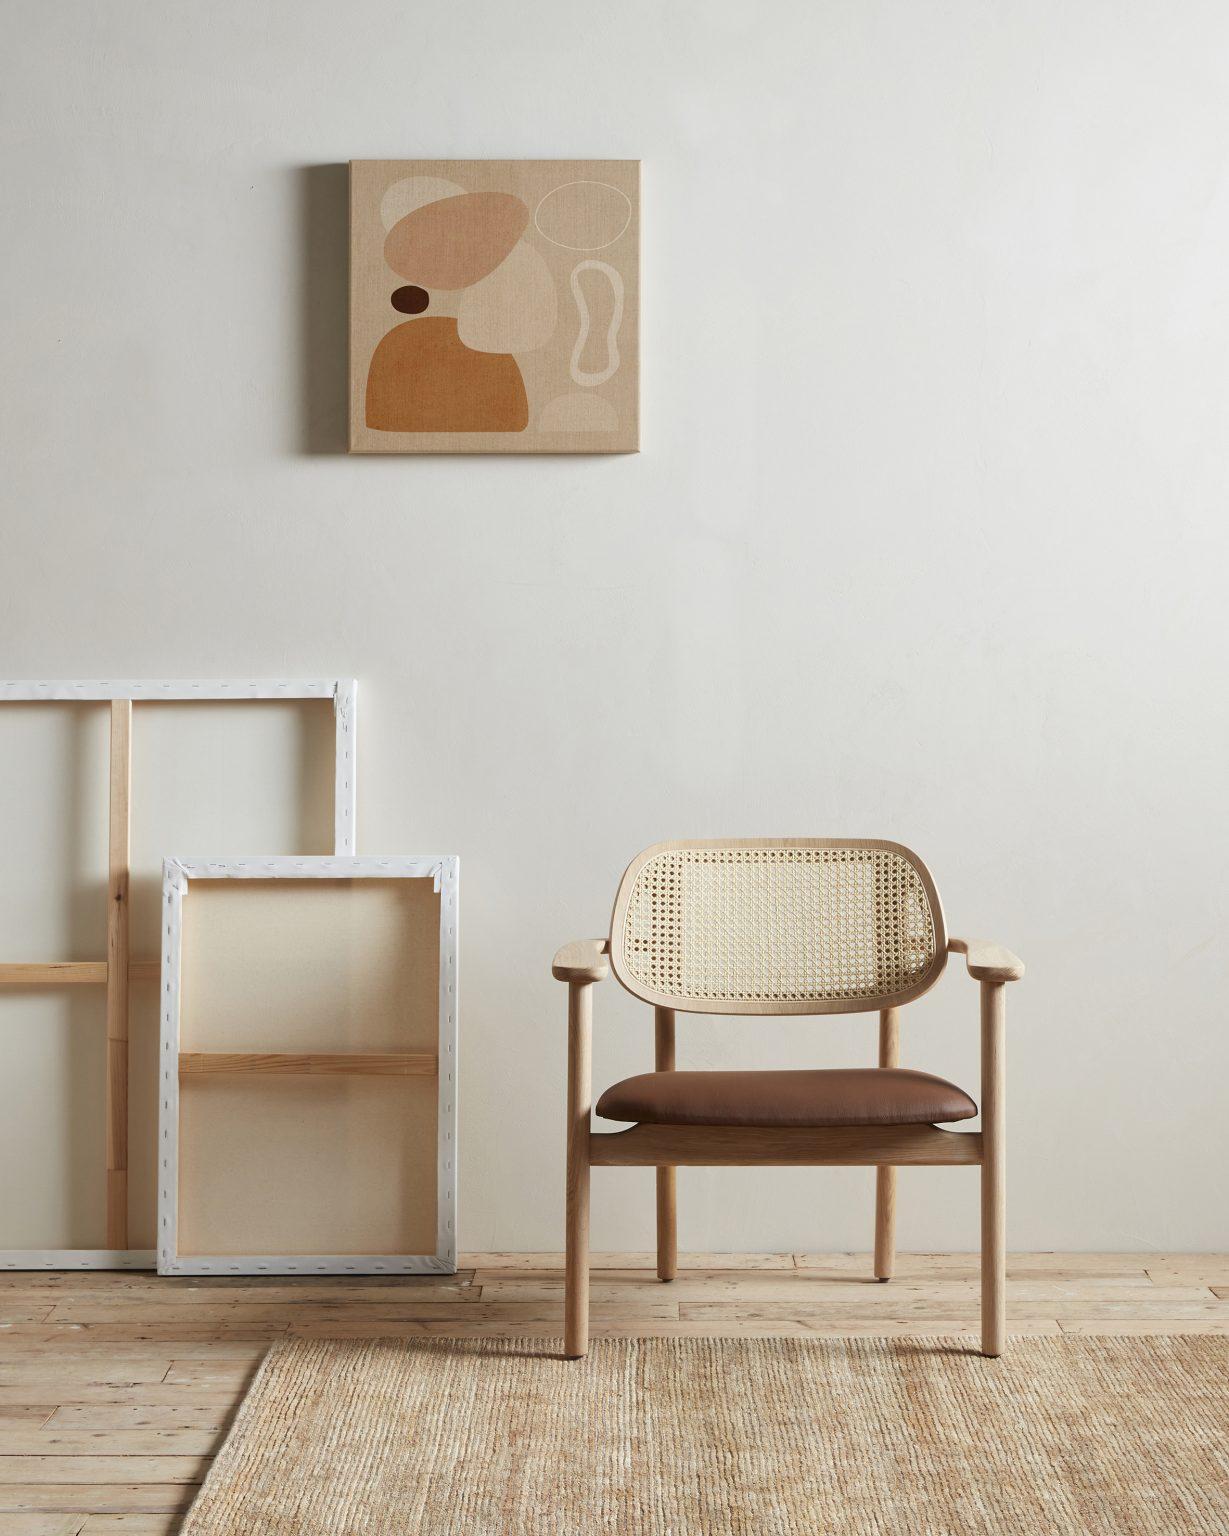 Biennale Interieur - Belgium's leading design and interior event - Vincentsheppard_titus_lounge_chair_portrait_300dpi_crop-3.jpg